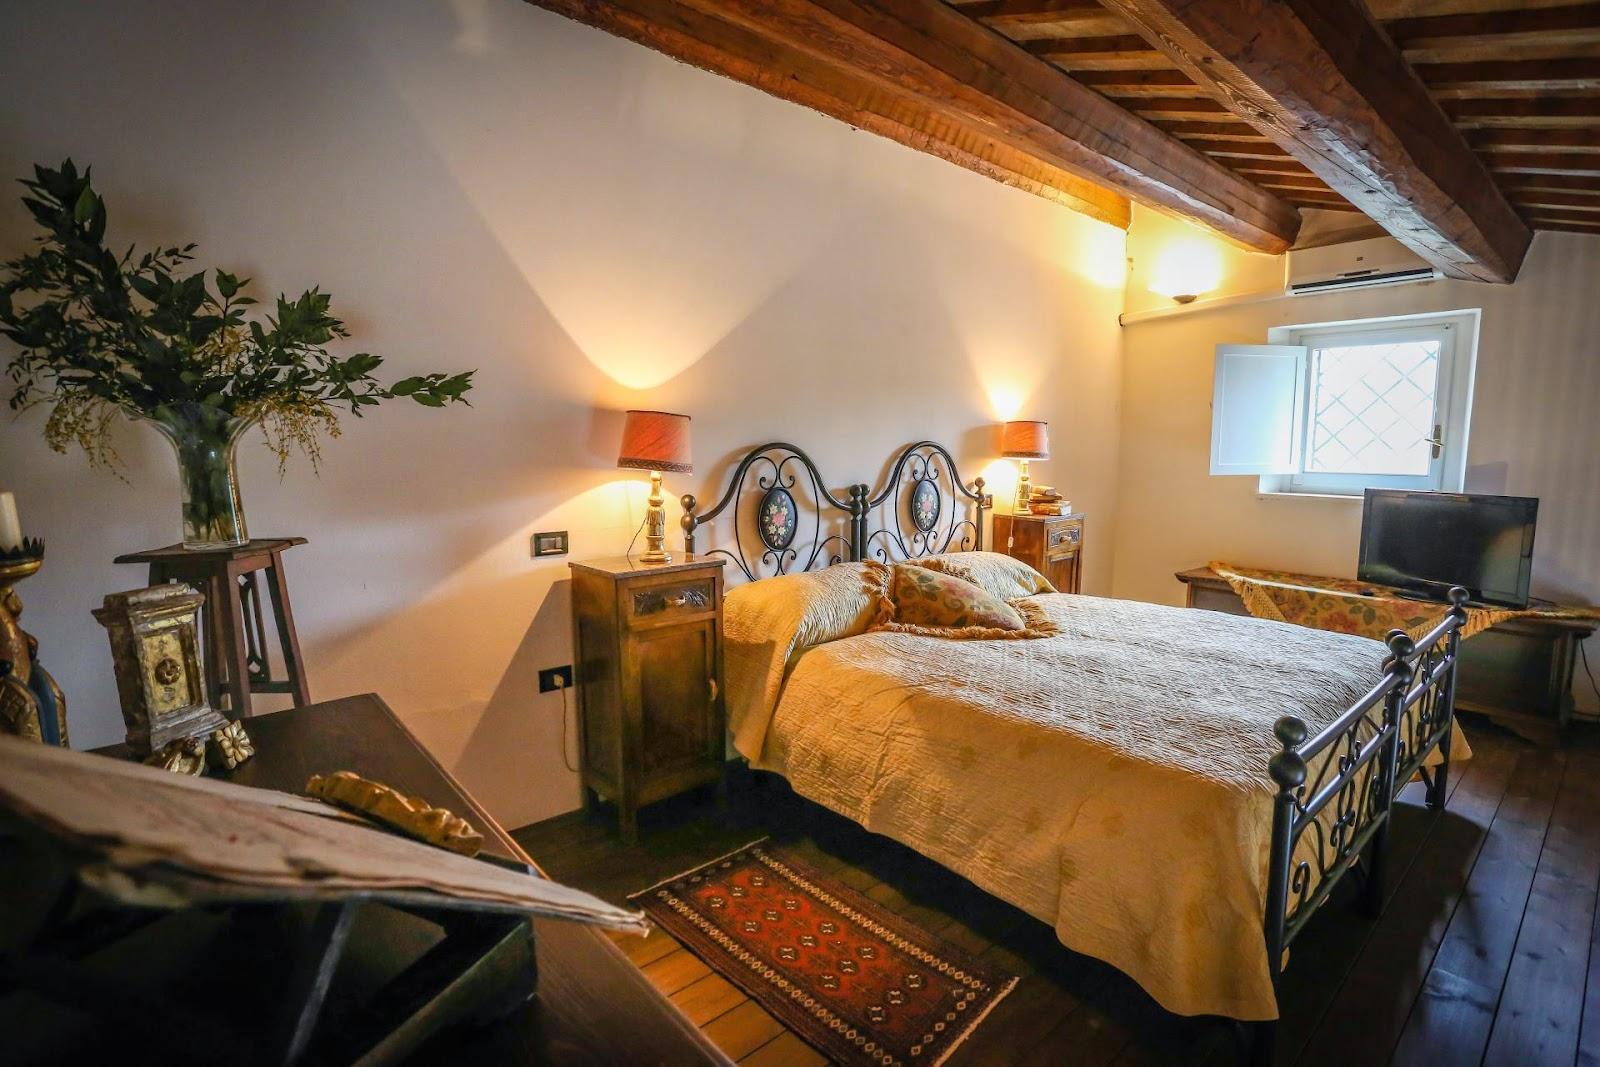 Ferienhaus Villa Montemaggiore (934885), Colli del Tronto, Ascoli Piceno, Marken, Italien, Bild 14